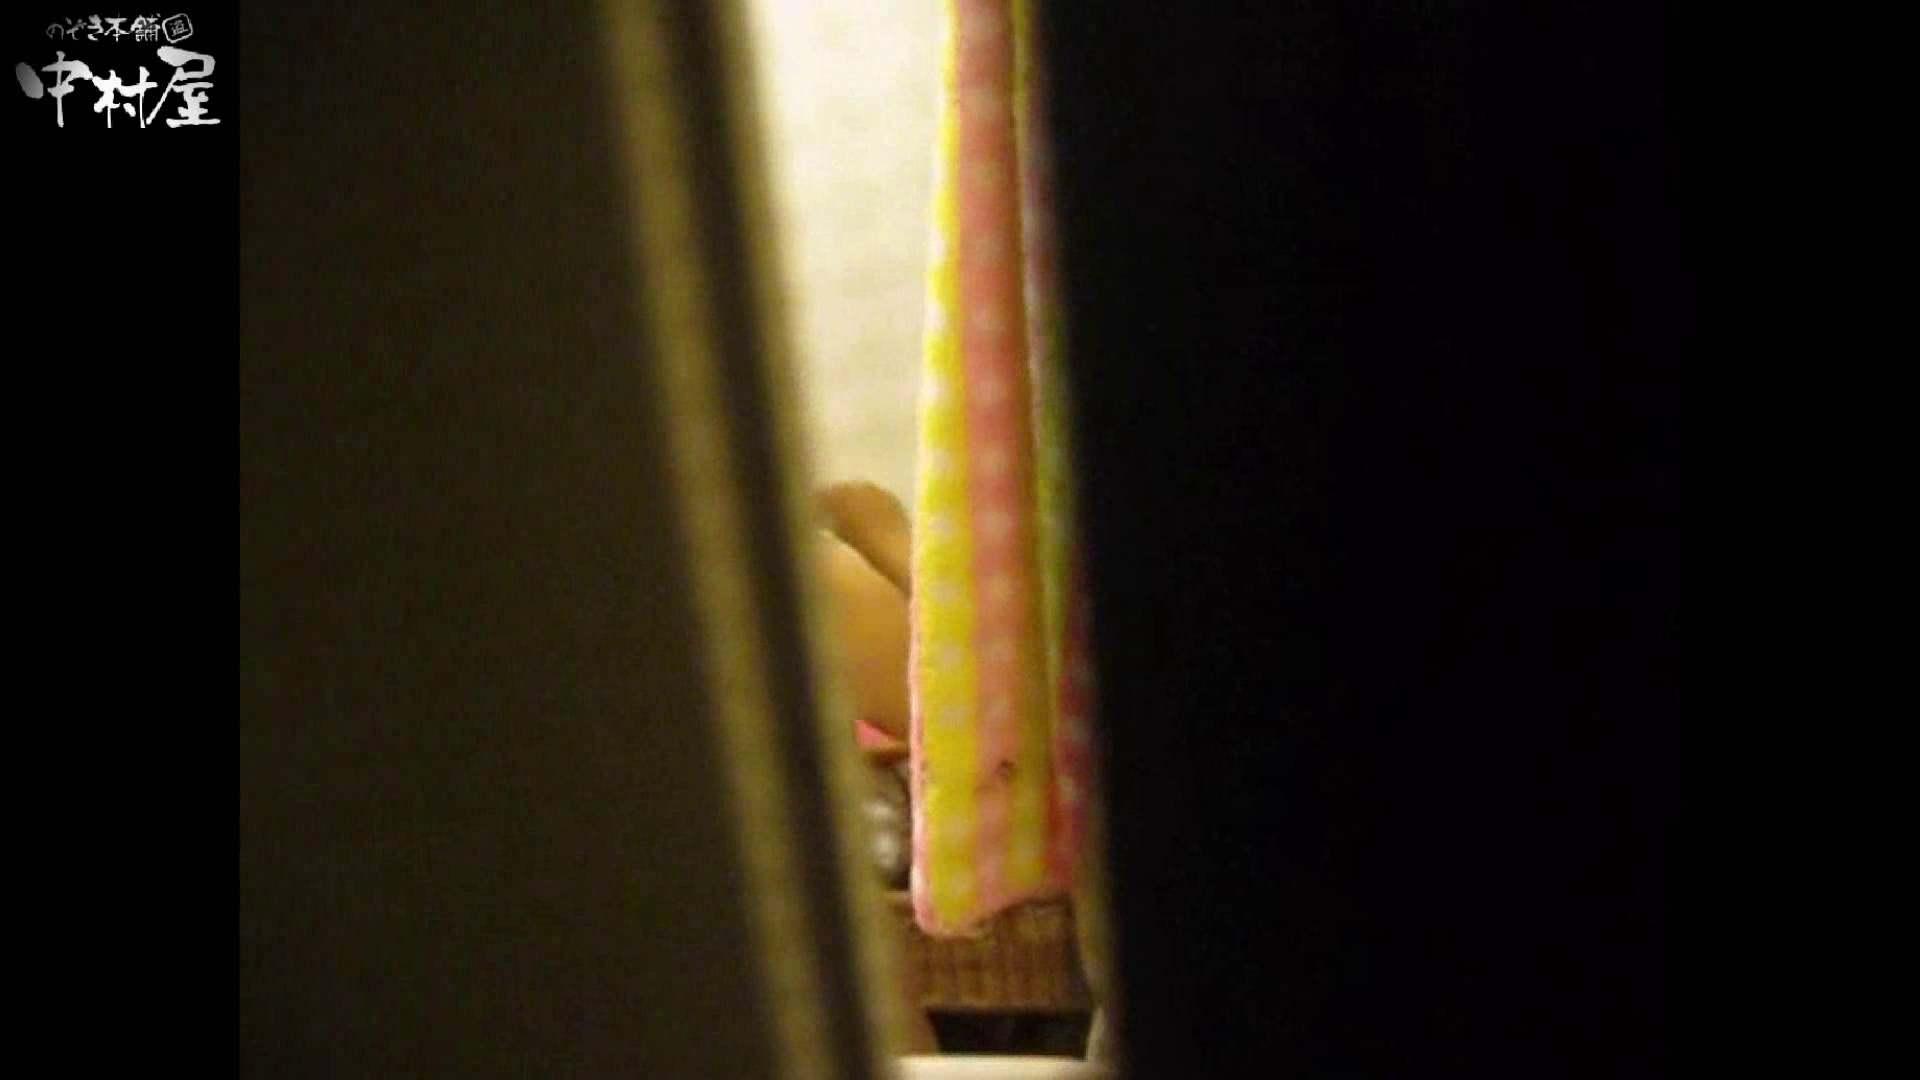 民家風呂専門盗撮師の超危険映像 vol.015 エロい美少女 オマンコ動画キャプチャ 99PIX 14